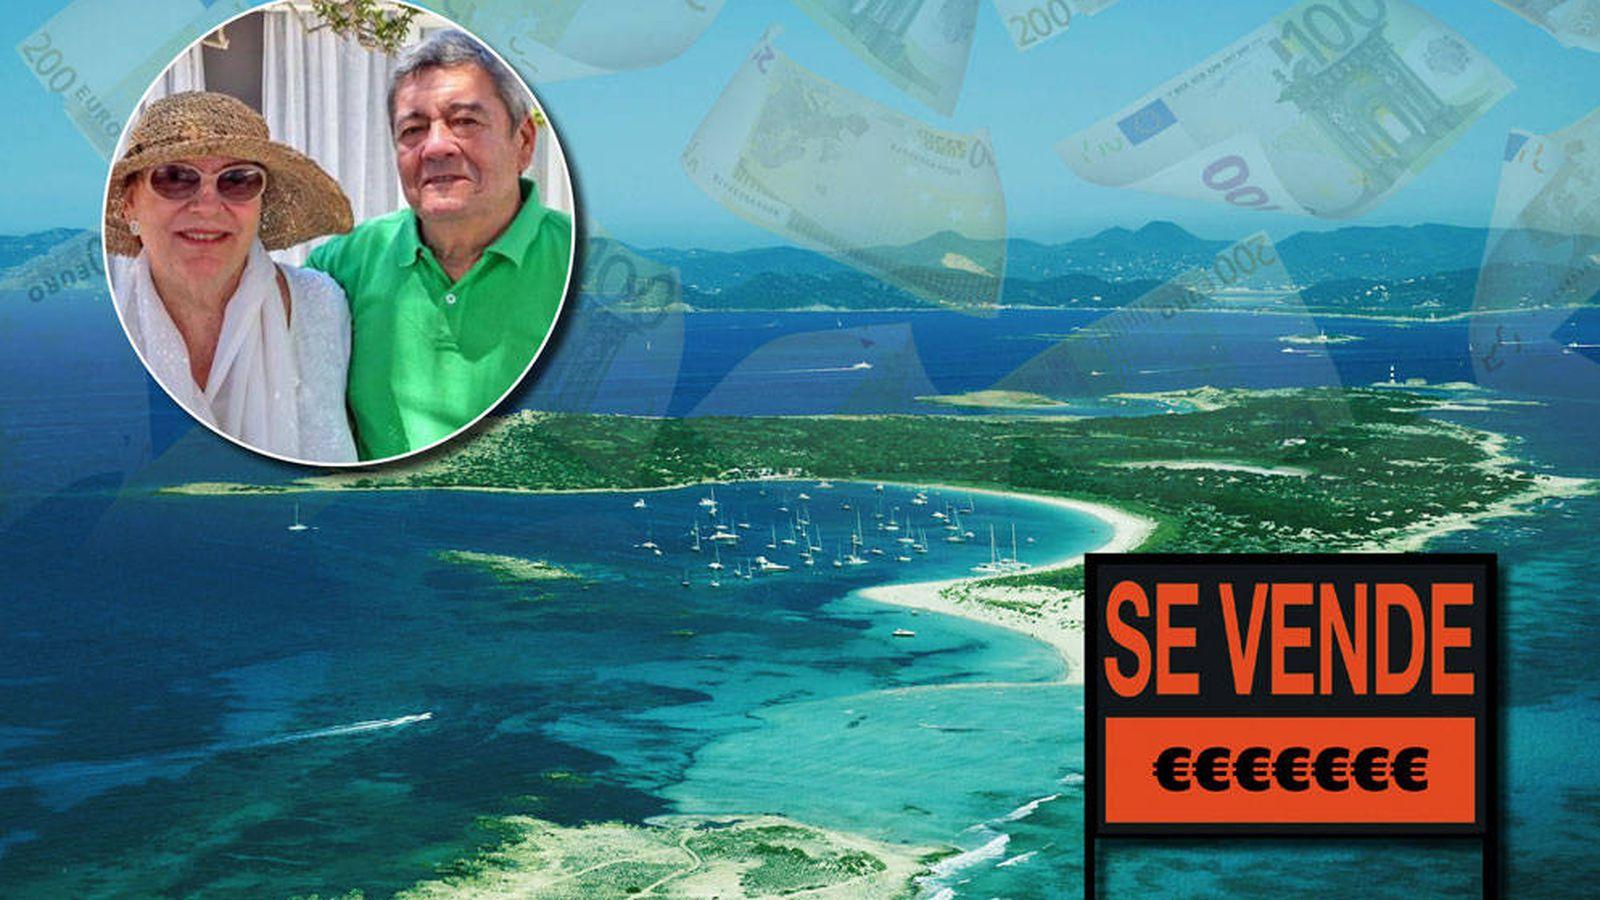 Foto: La isla de Espalmador y su propietario, Norman Cinnamond (fotomontaje realizado por Vanitatis)